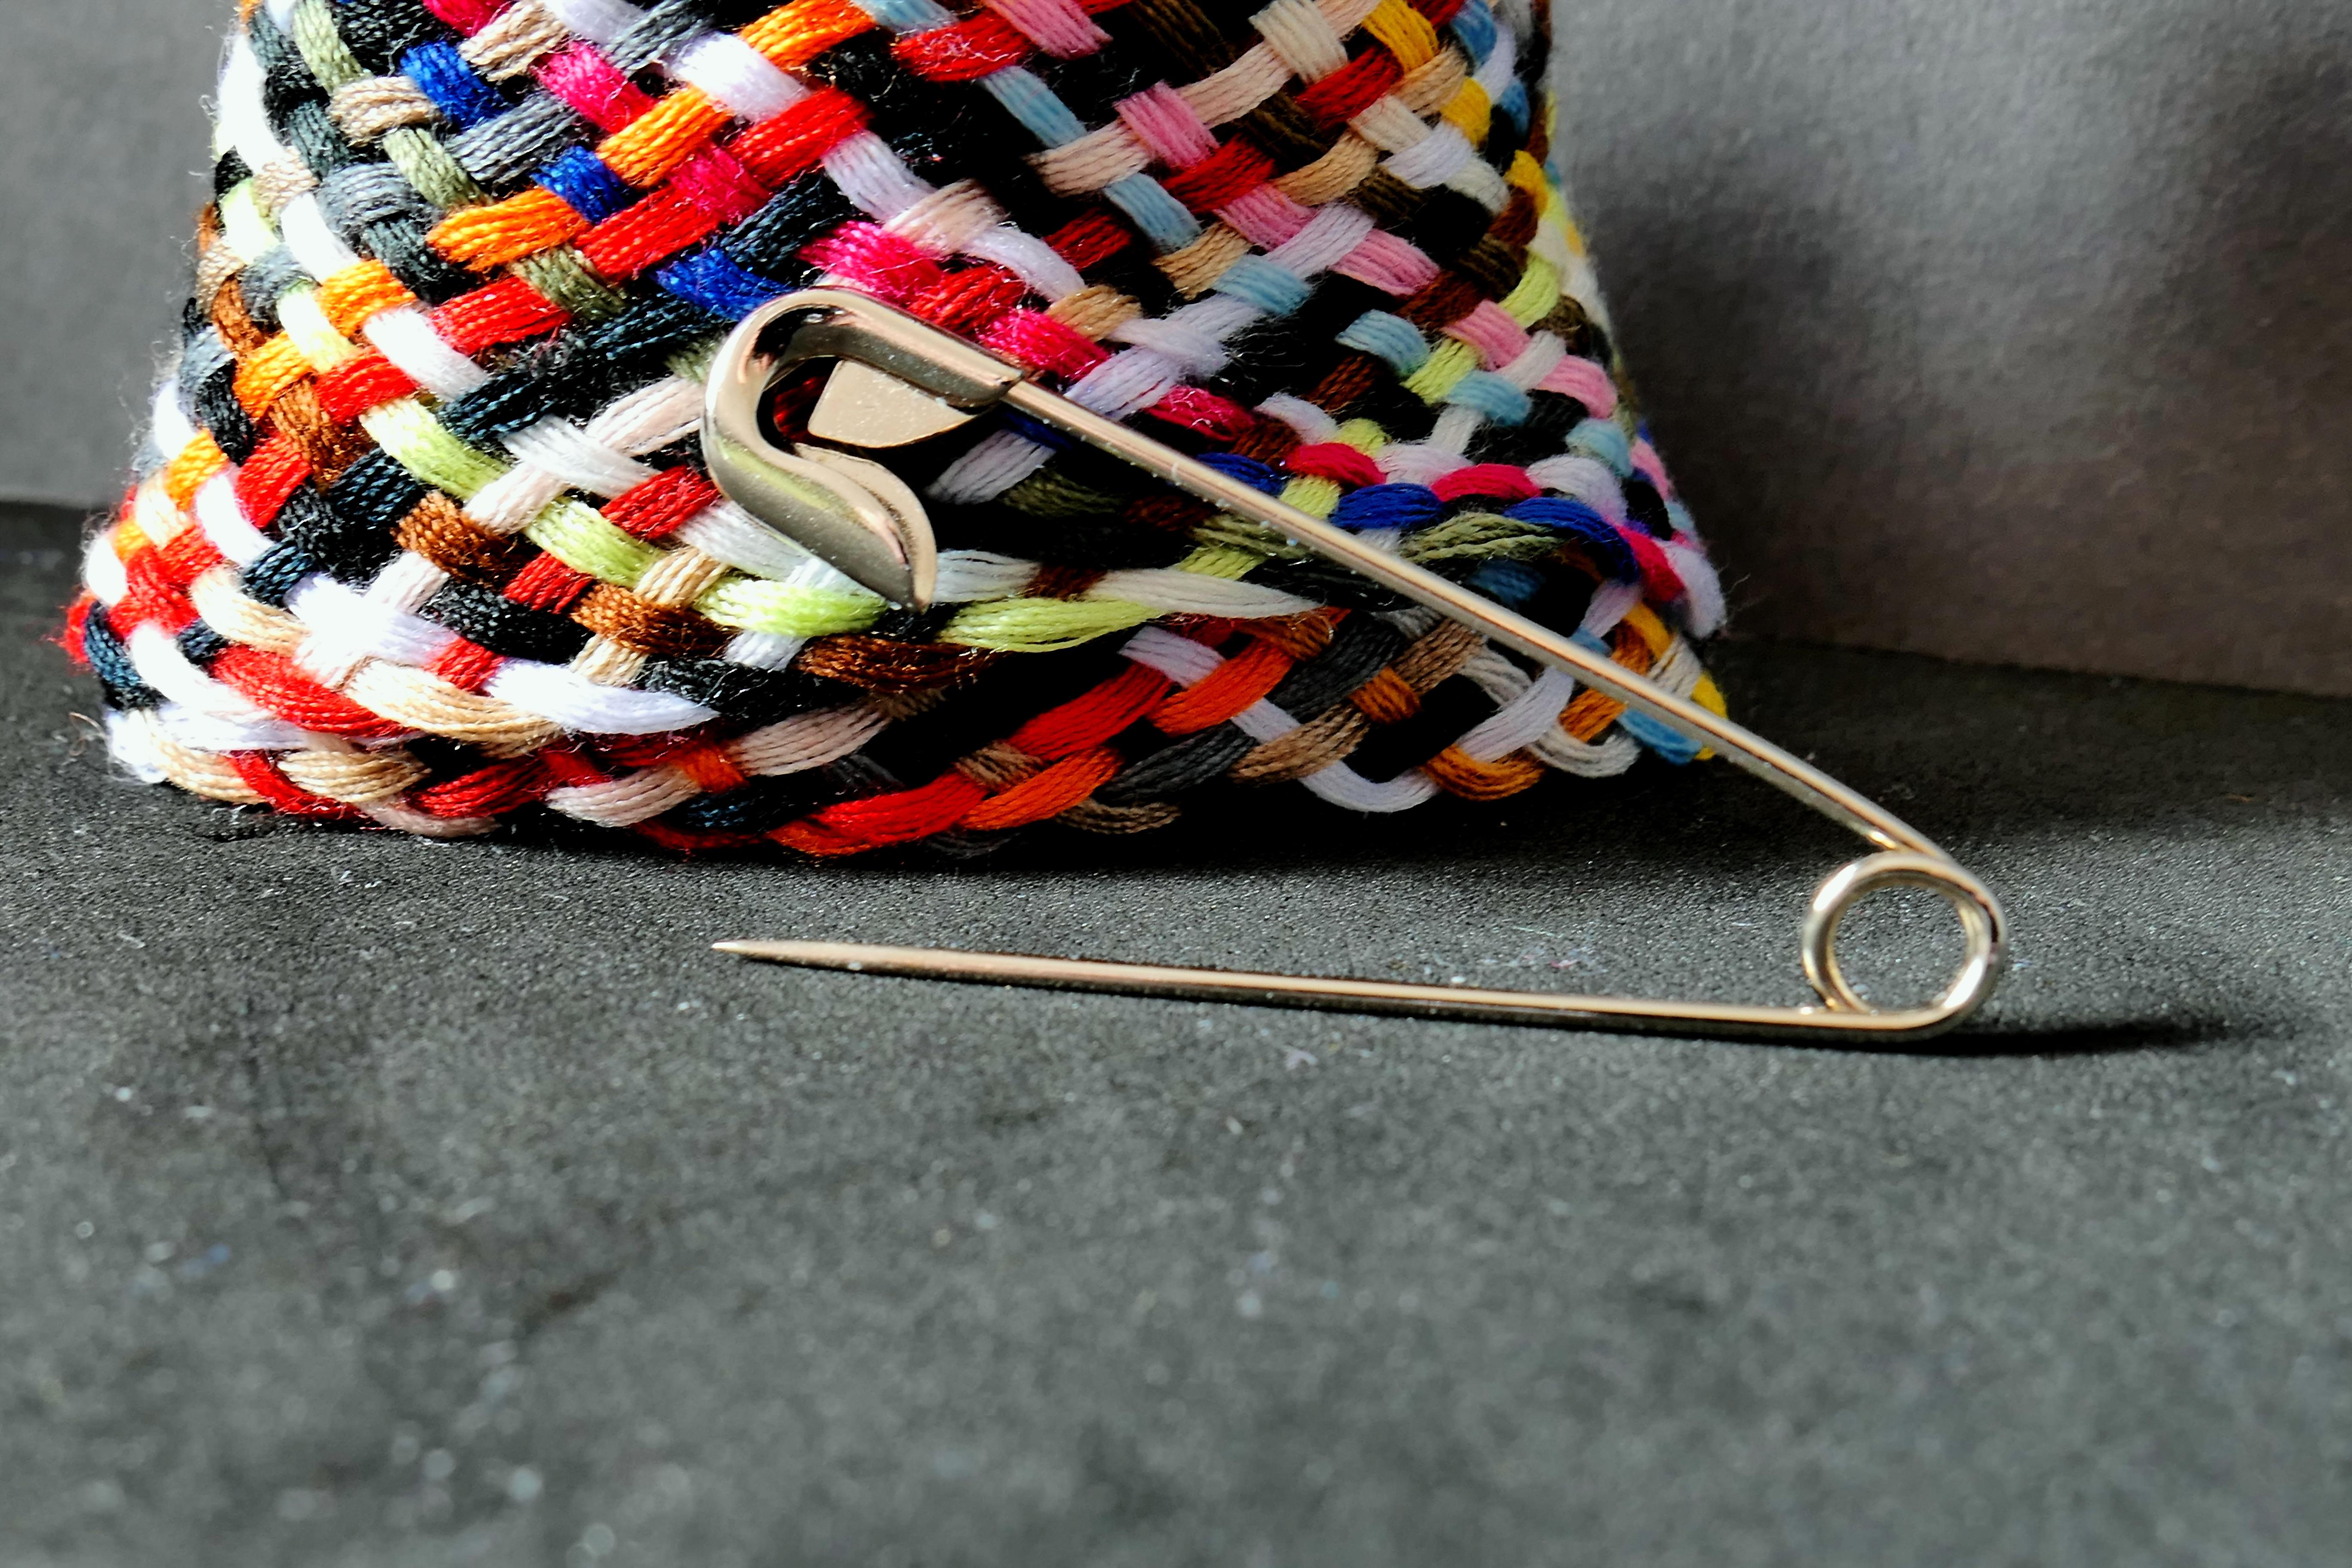 Kostenlose foto : Nadel, Muster, Farbe, Kleidung, bunt, schließen ...